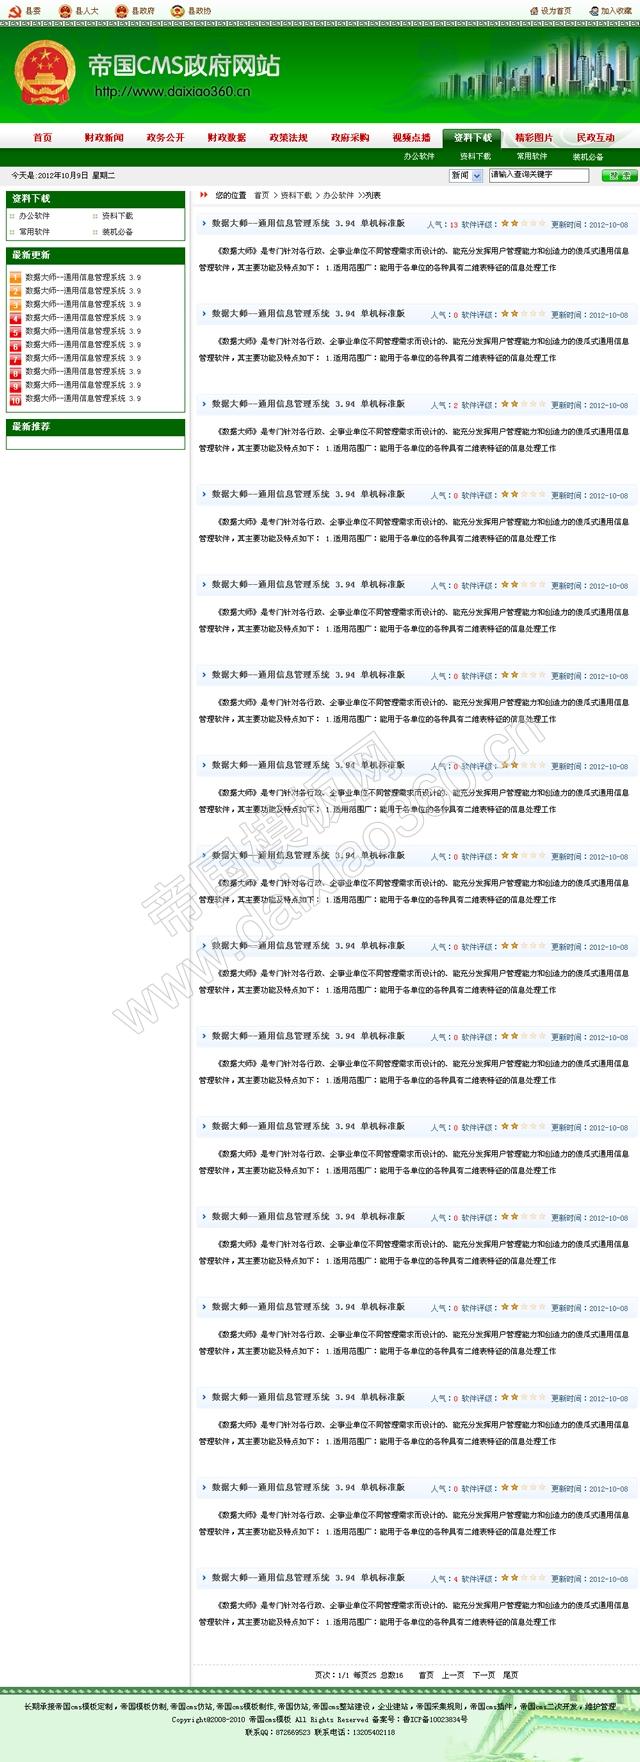 帝国cms绿色政府网站模板,政府网站源码_下载列表